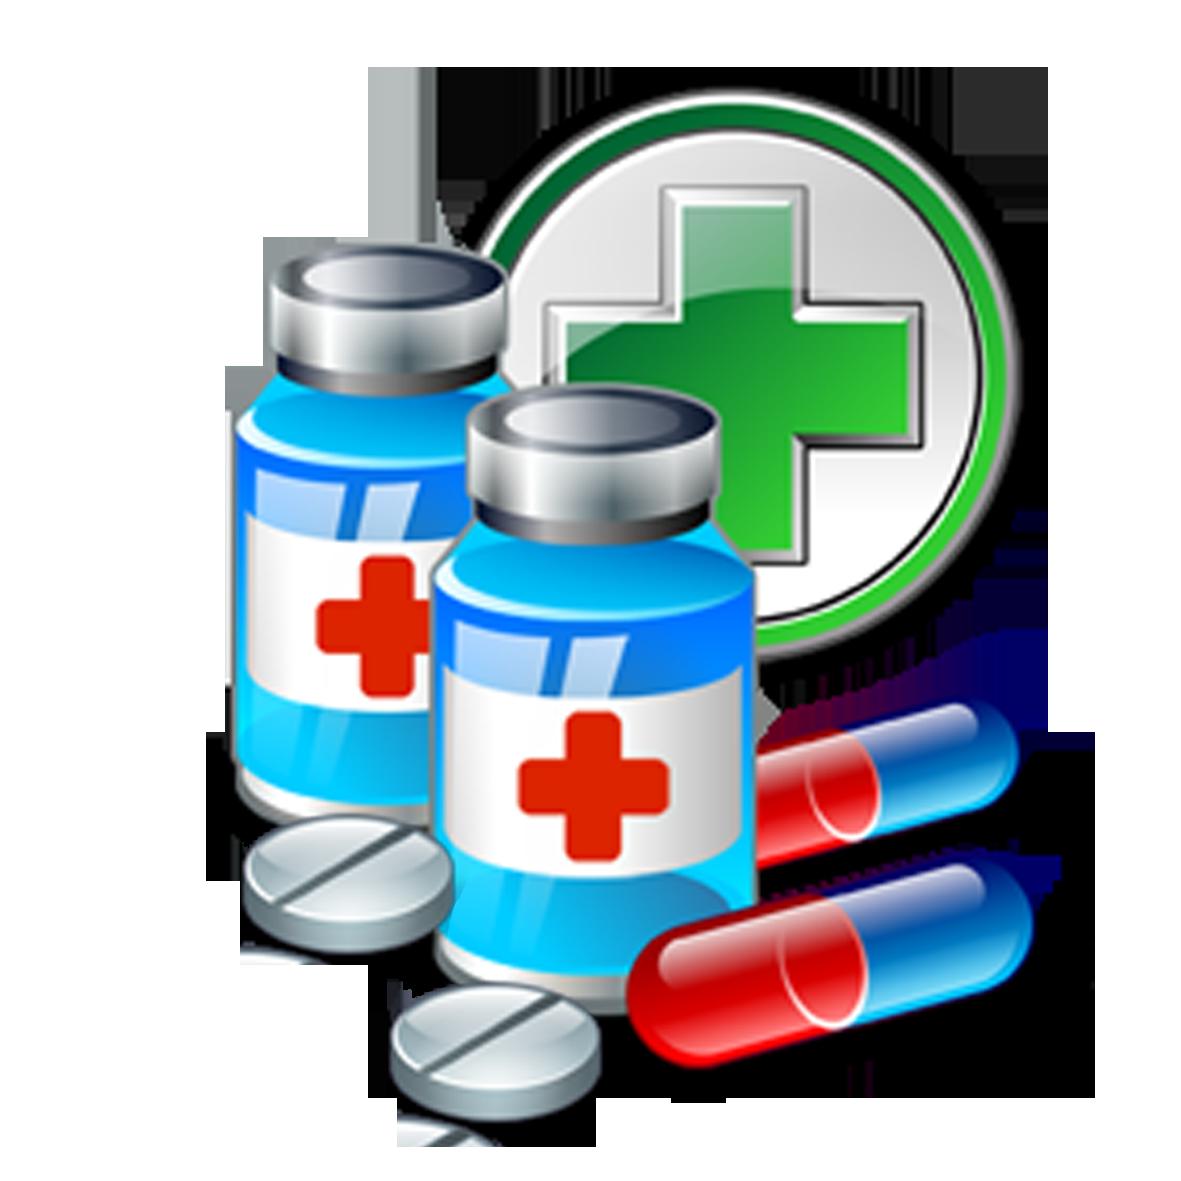 kisspng-pharmacy-pharmaceutical-drug-pharmacist-health-car-tablet-medicine-5a87d5fc817c64.7799977315188515805304